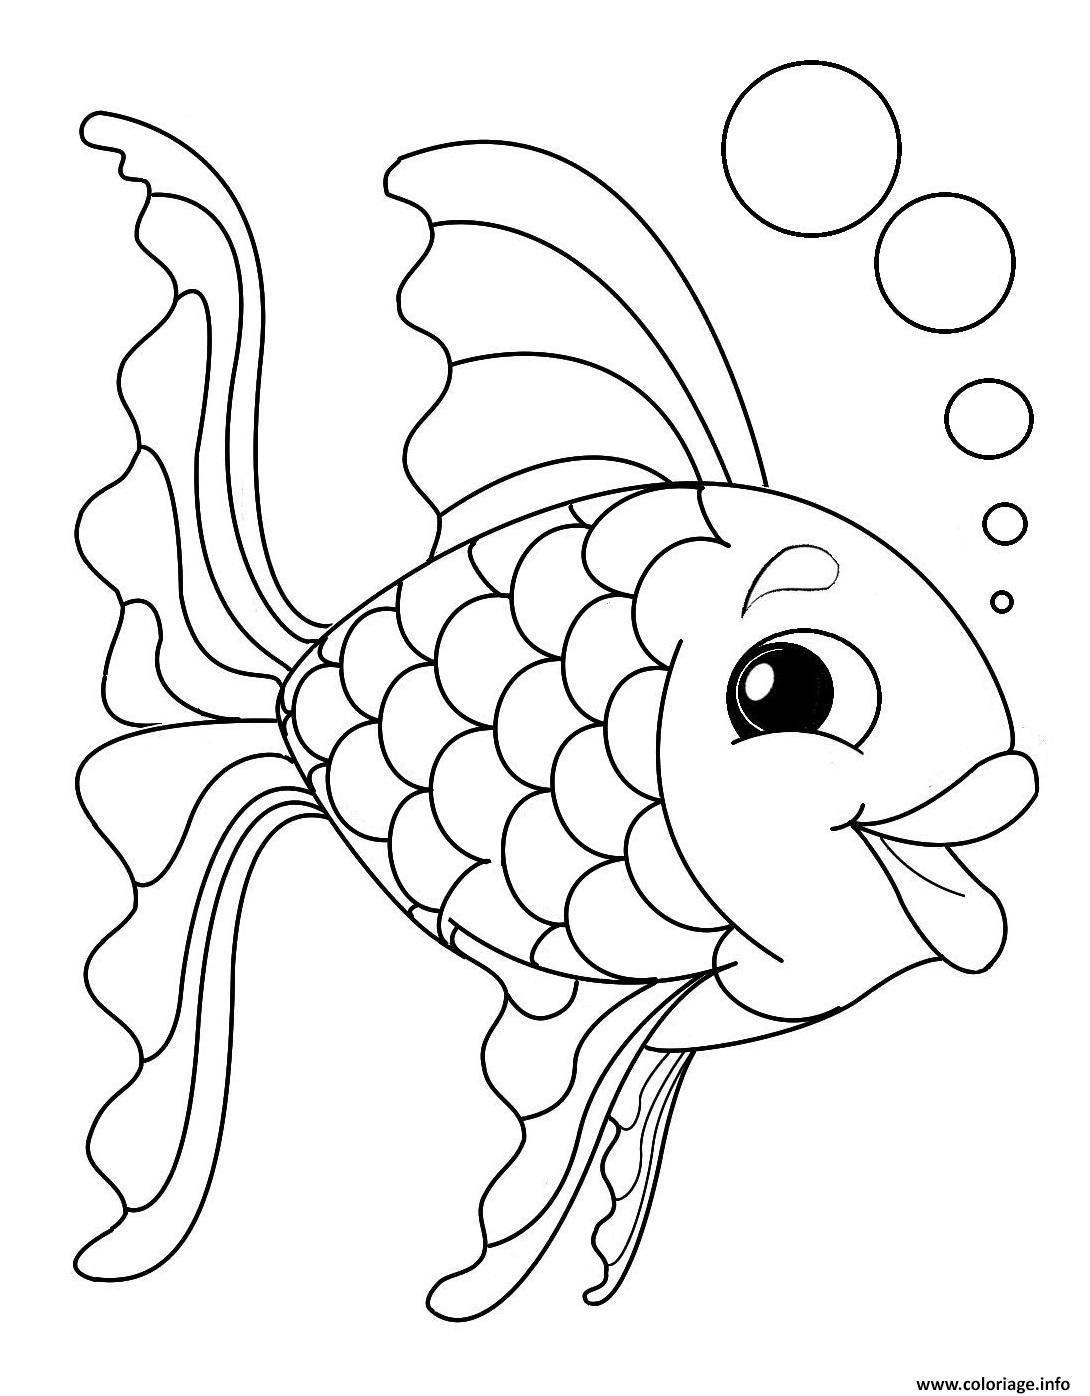 Coloriage poisson arc en ciel - Poisson a imprimer gratuitement ...